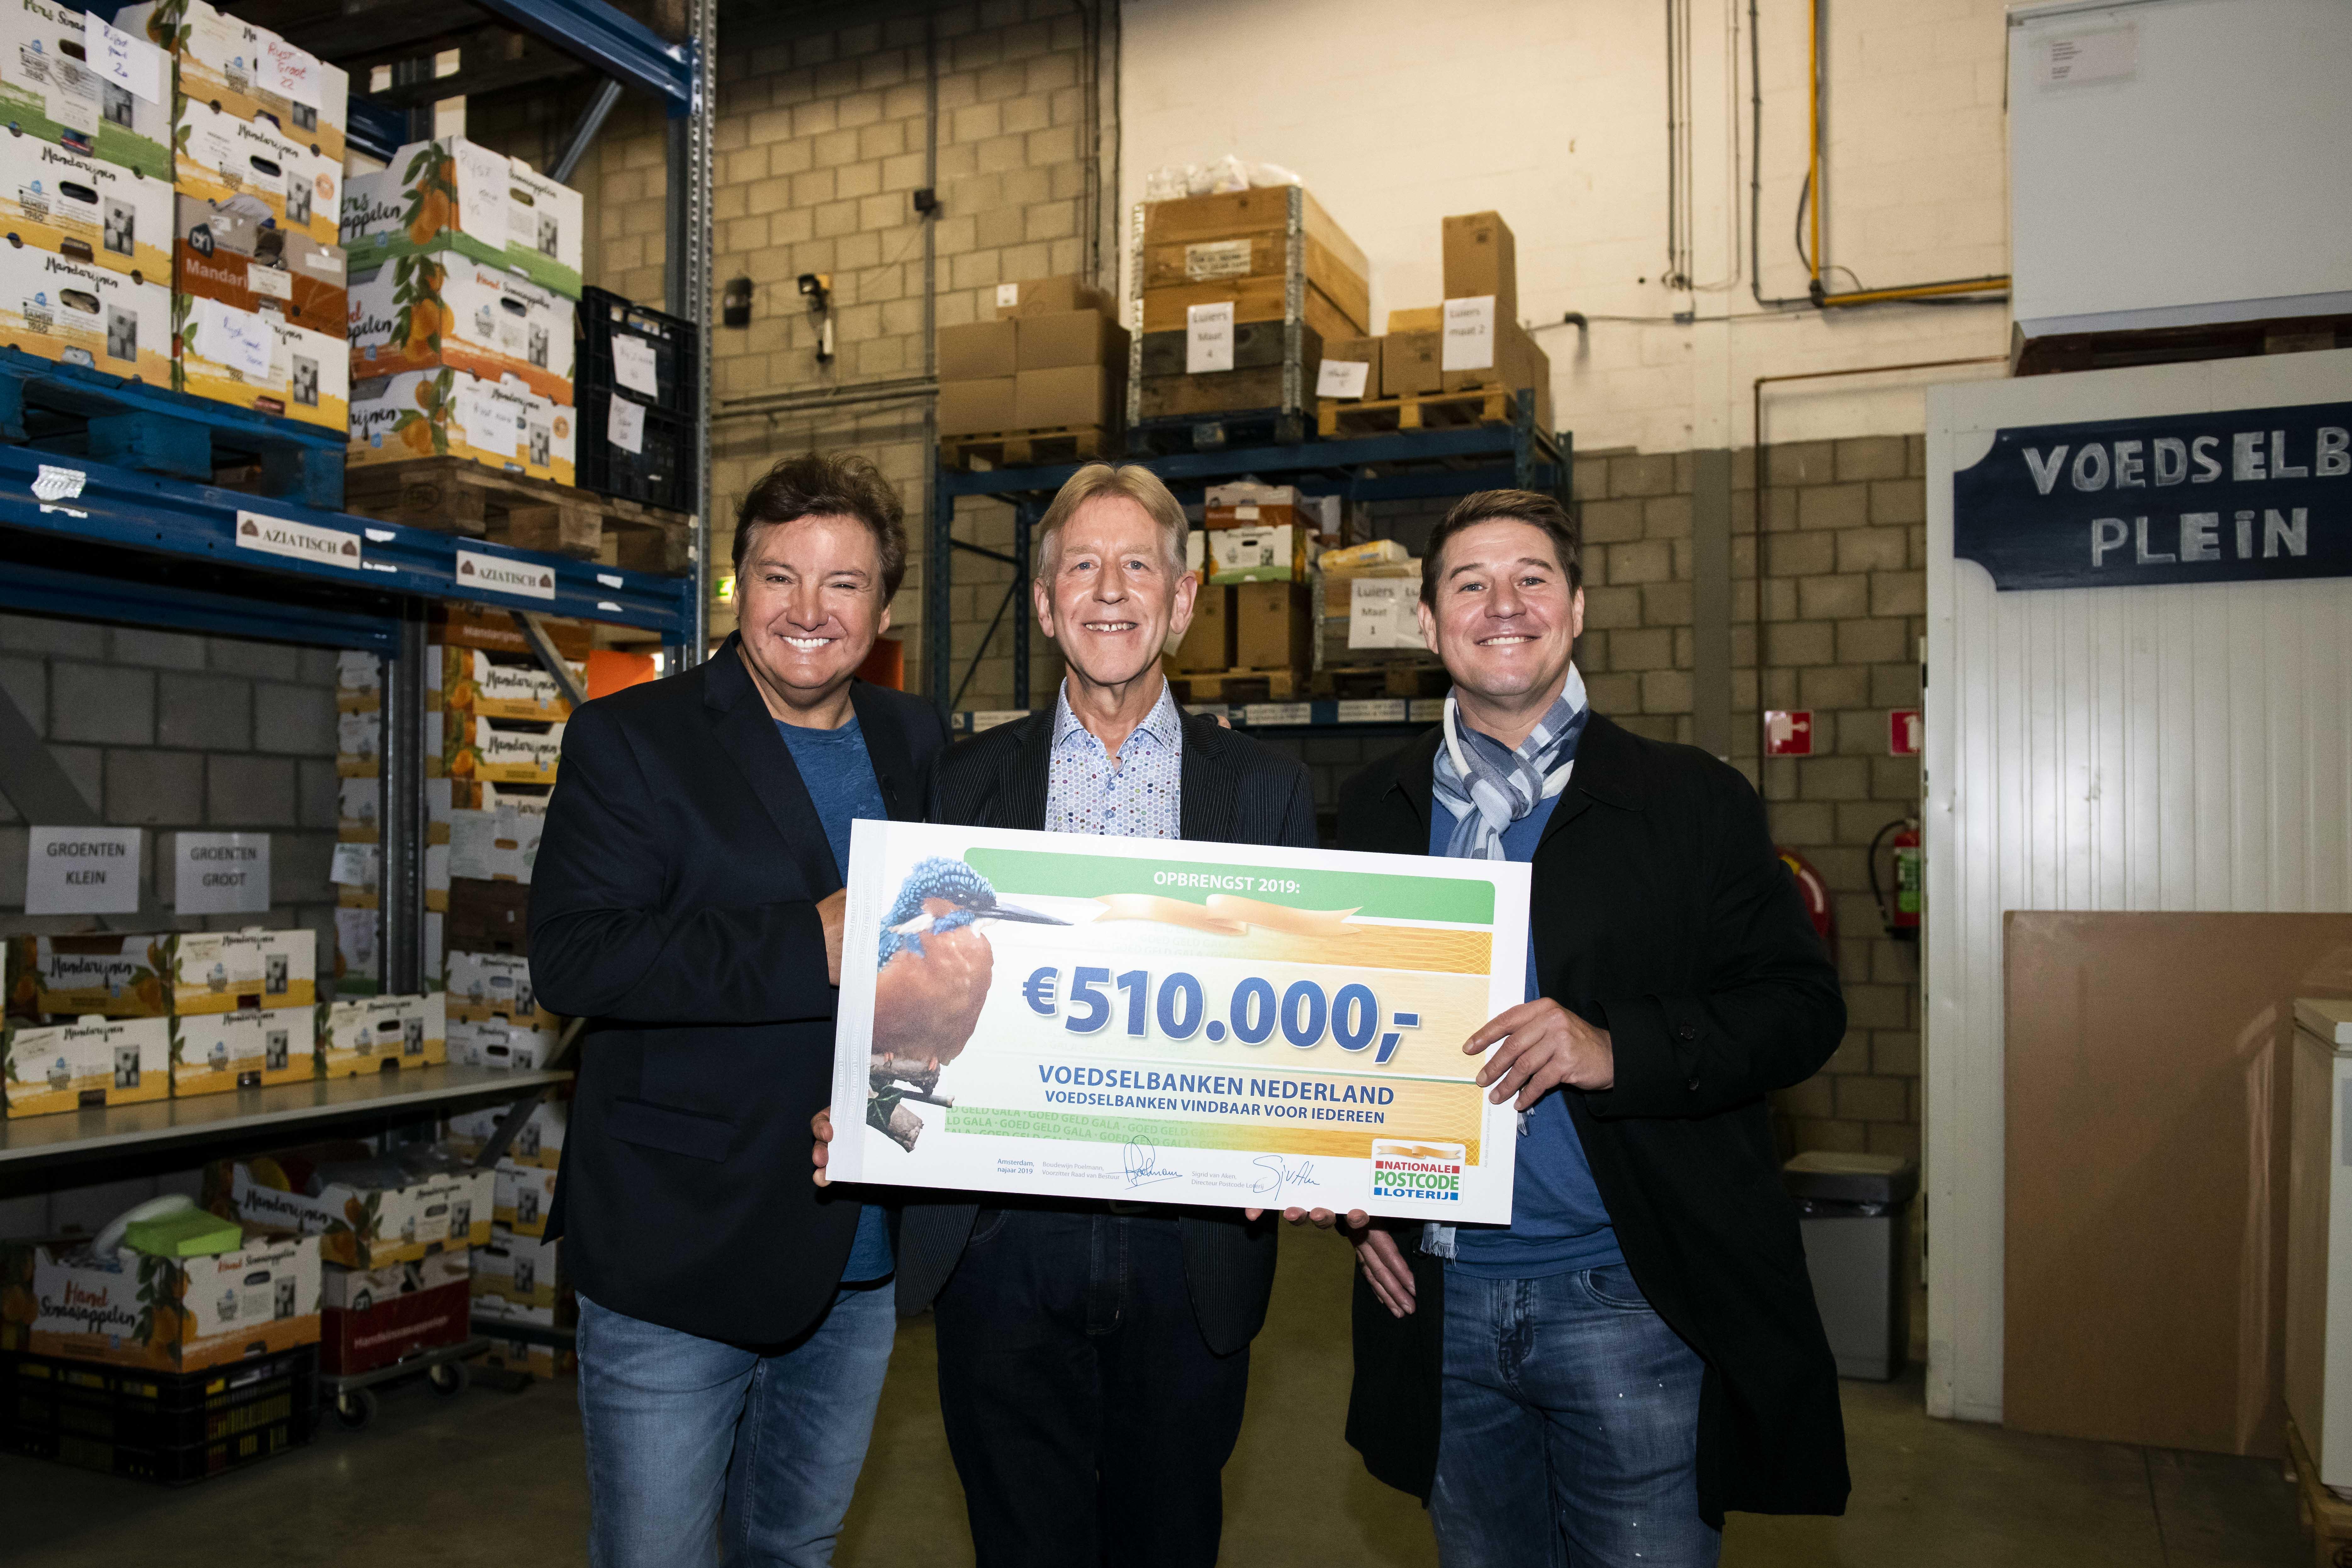 Rene Froger, leo Wijnbelt en Martij Krabbe met donaatie voor laaggeletterden voedselbanken van postcode loterij